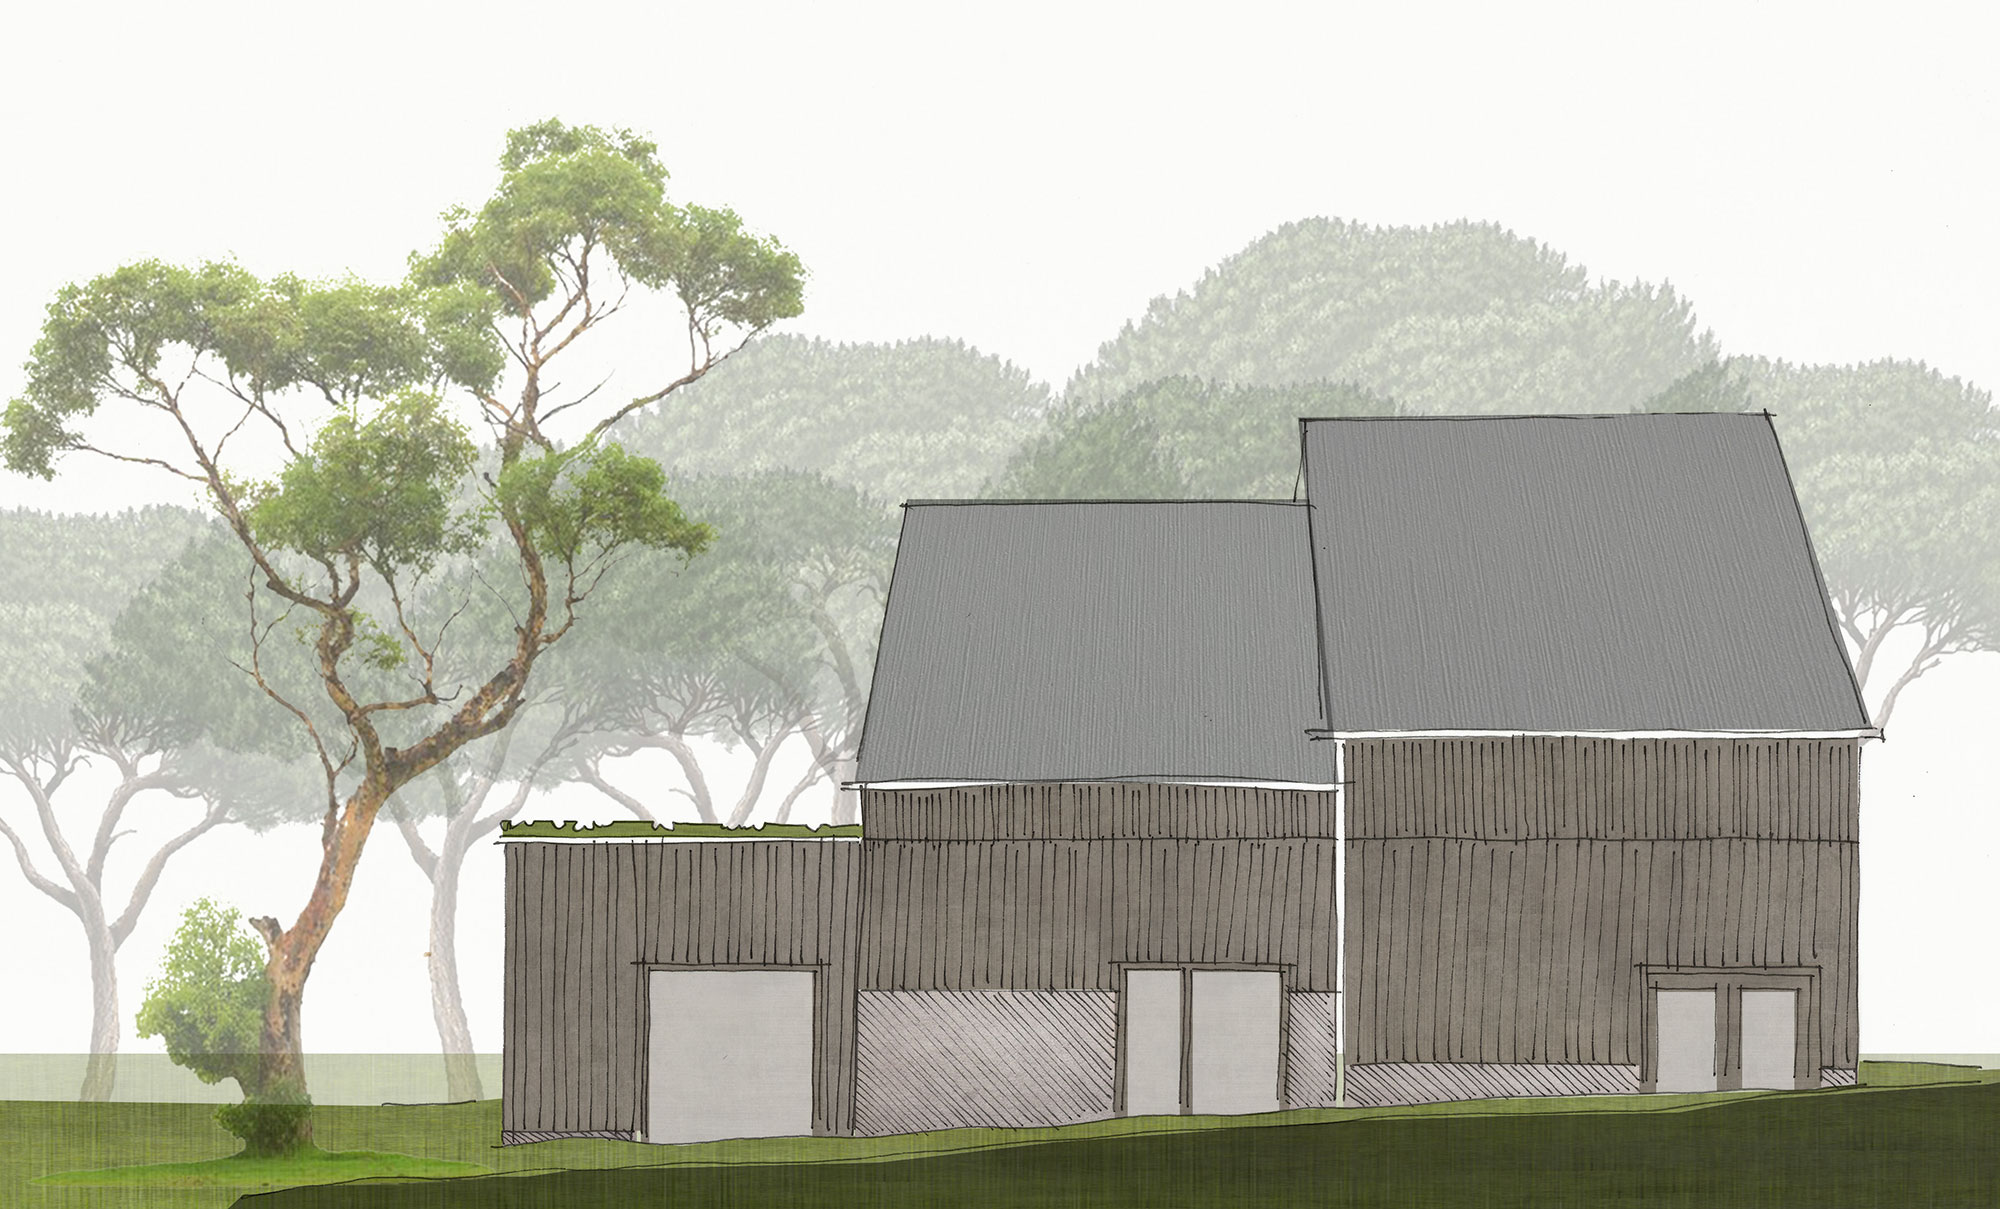 duurzaam_duinhuis_architect